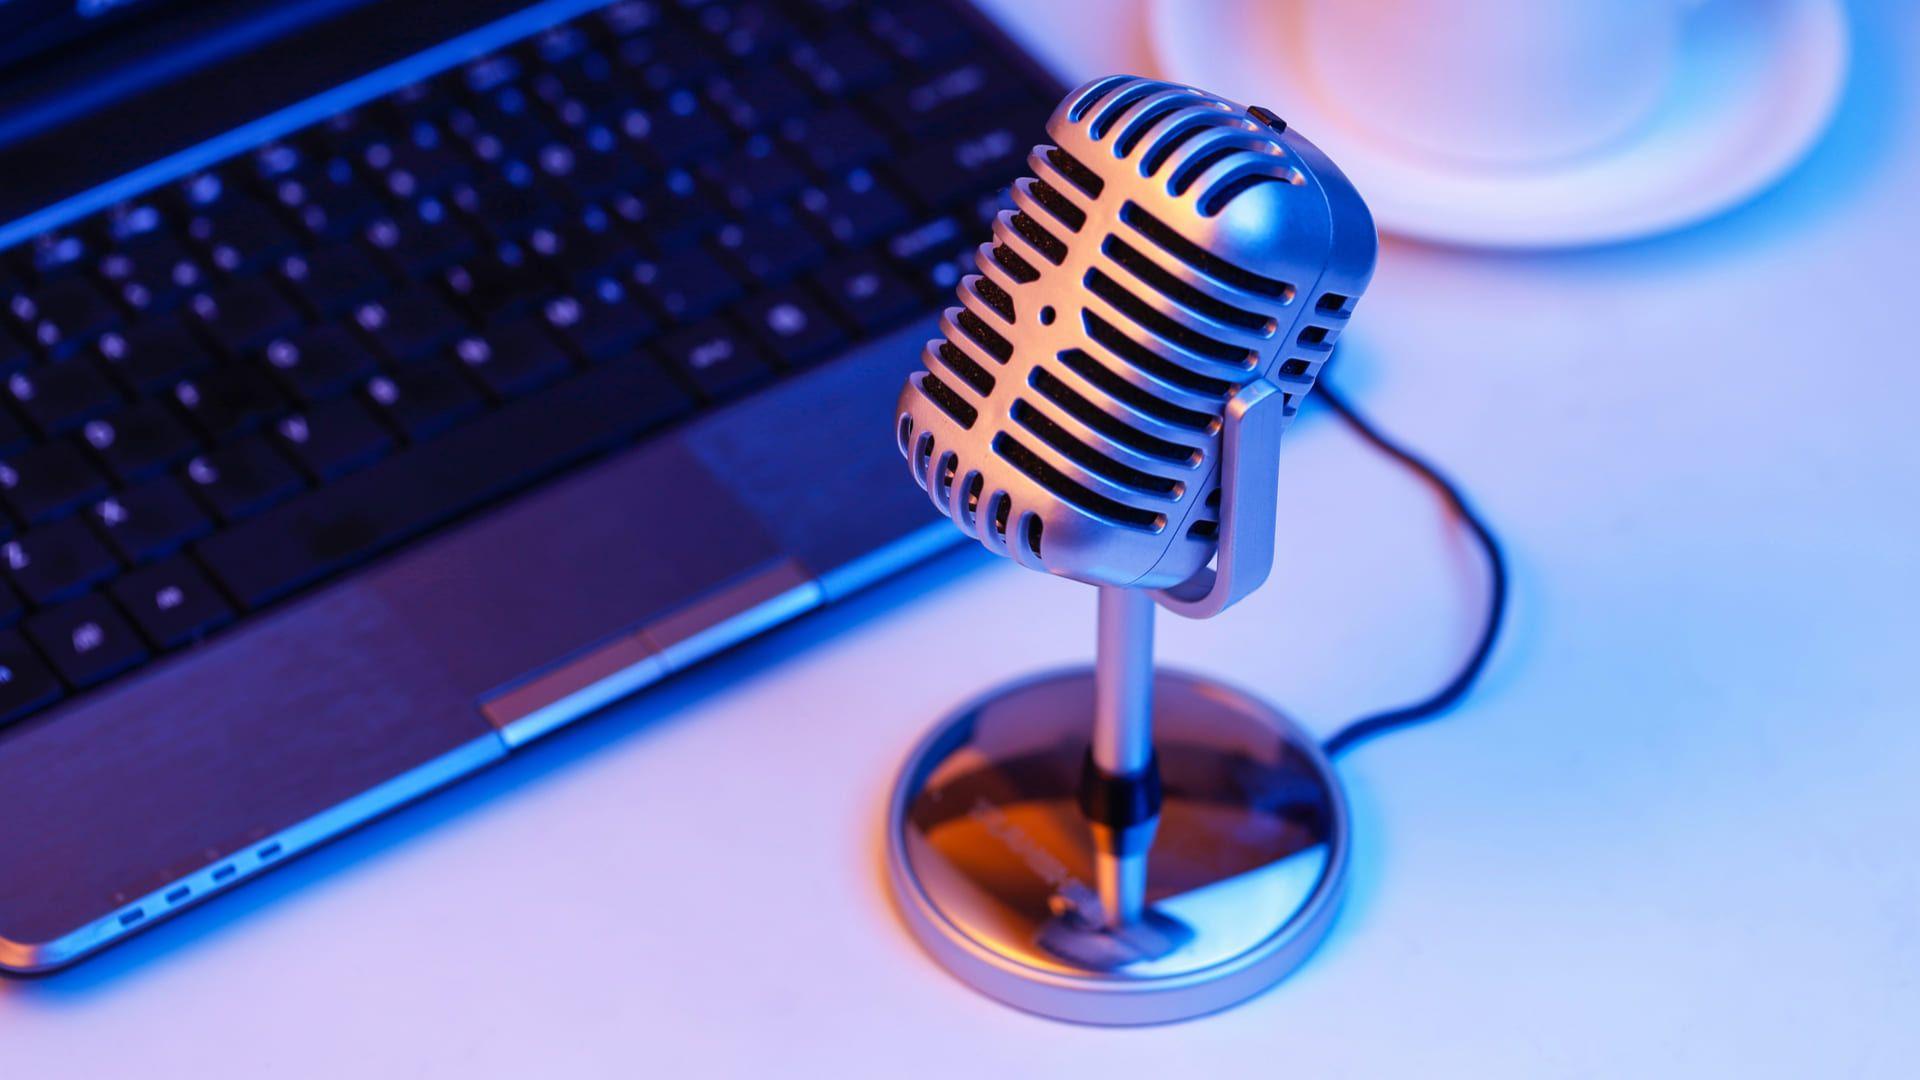 Descubra como fazer o teste de microfone no seu PC (Foto: Reprodução/Shutterstock)